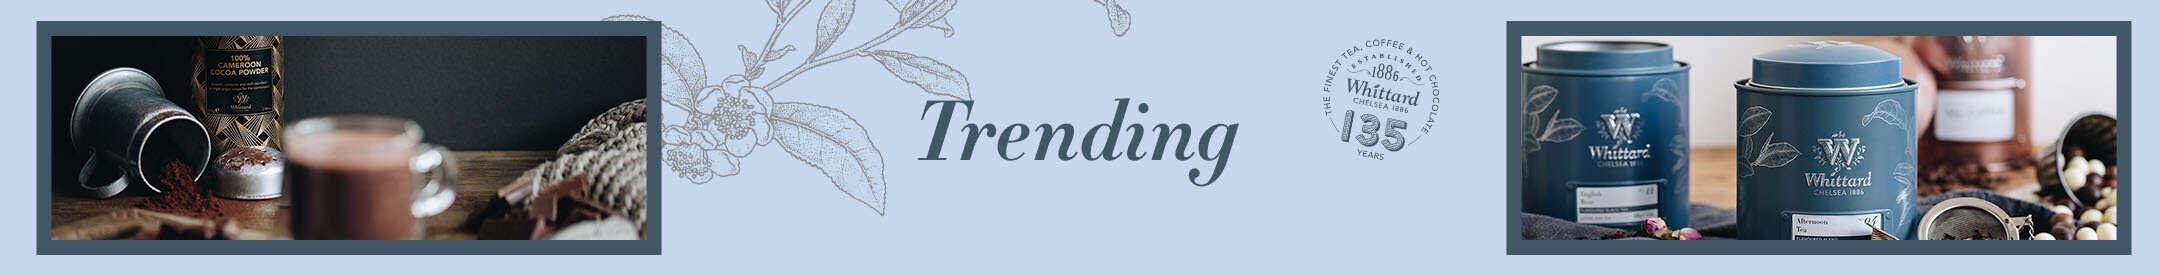 Trending at Whittard